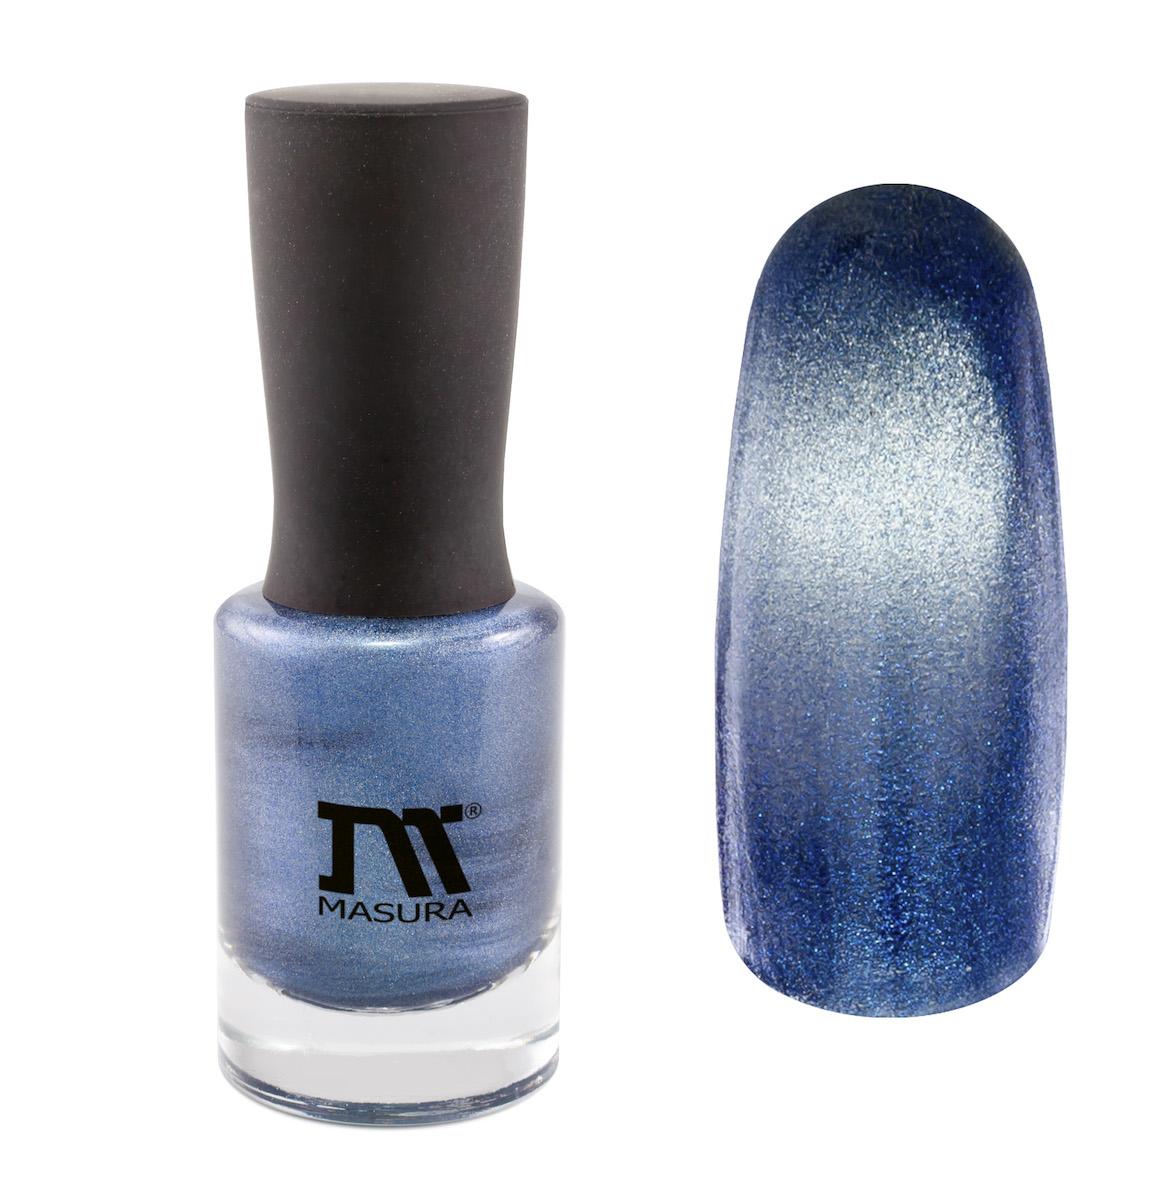 Masura Лак для ногтей Звездный Аквамарин, 11 мл904-174насыщенный дымчато-синий, с серебристым подтоном, плотный